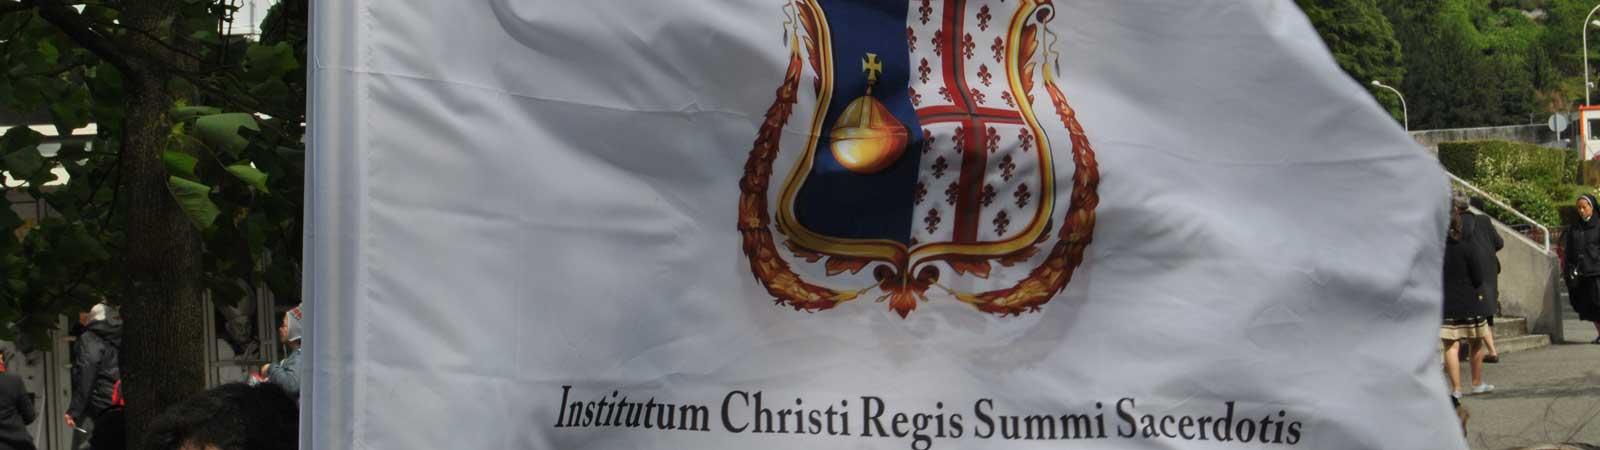 Pellegrinaggio-a-Lourdes-con-lIstituto-di-Cristo-Re